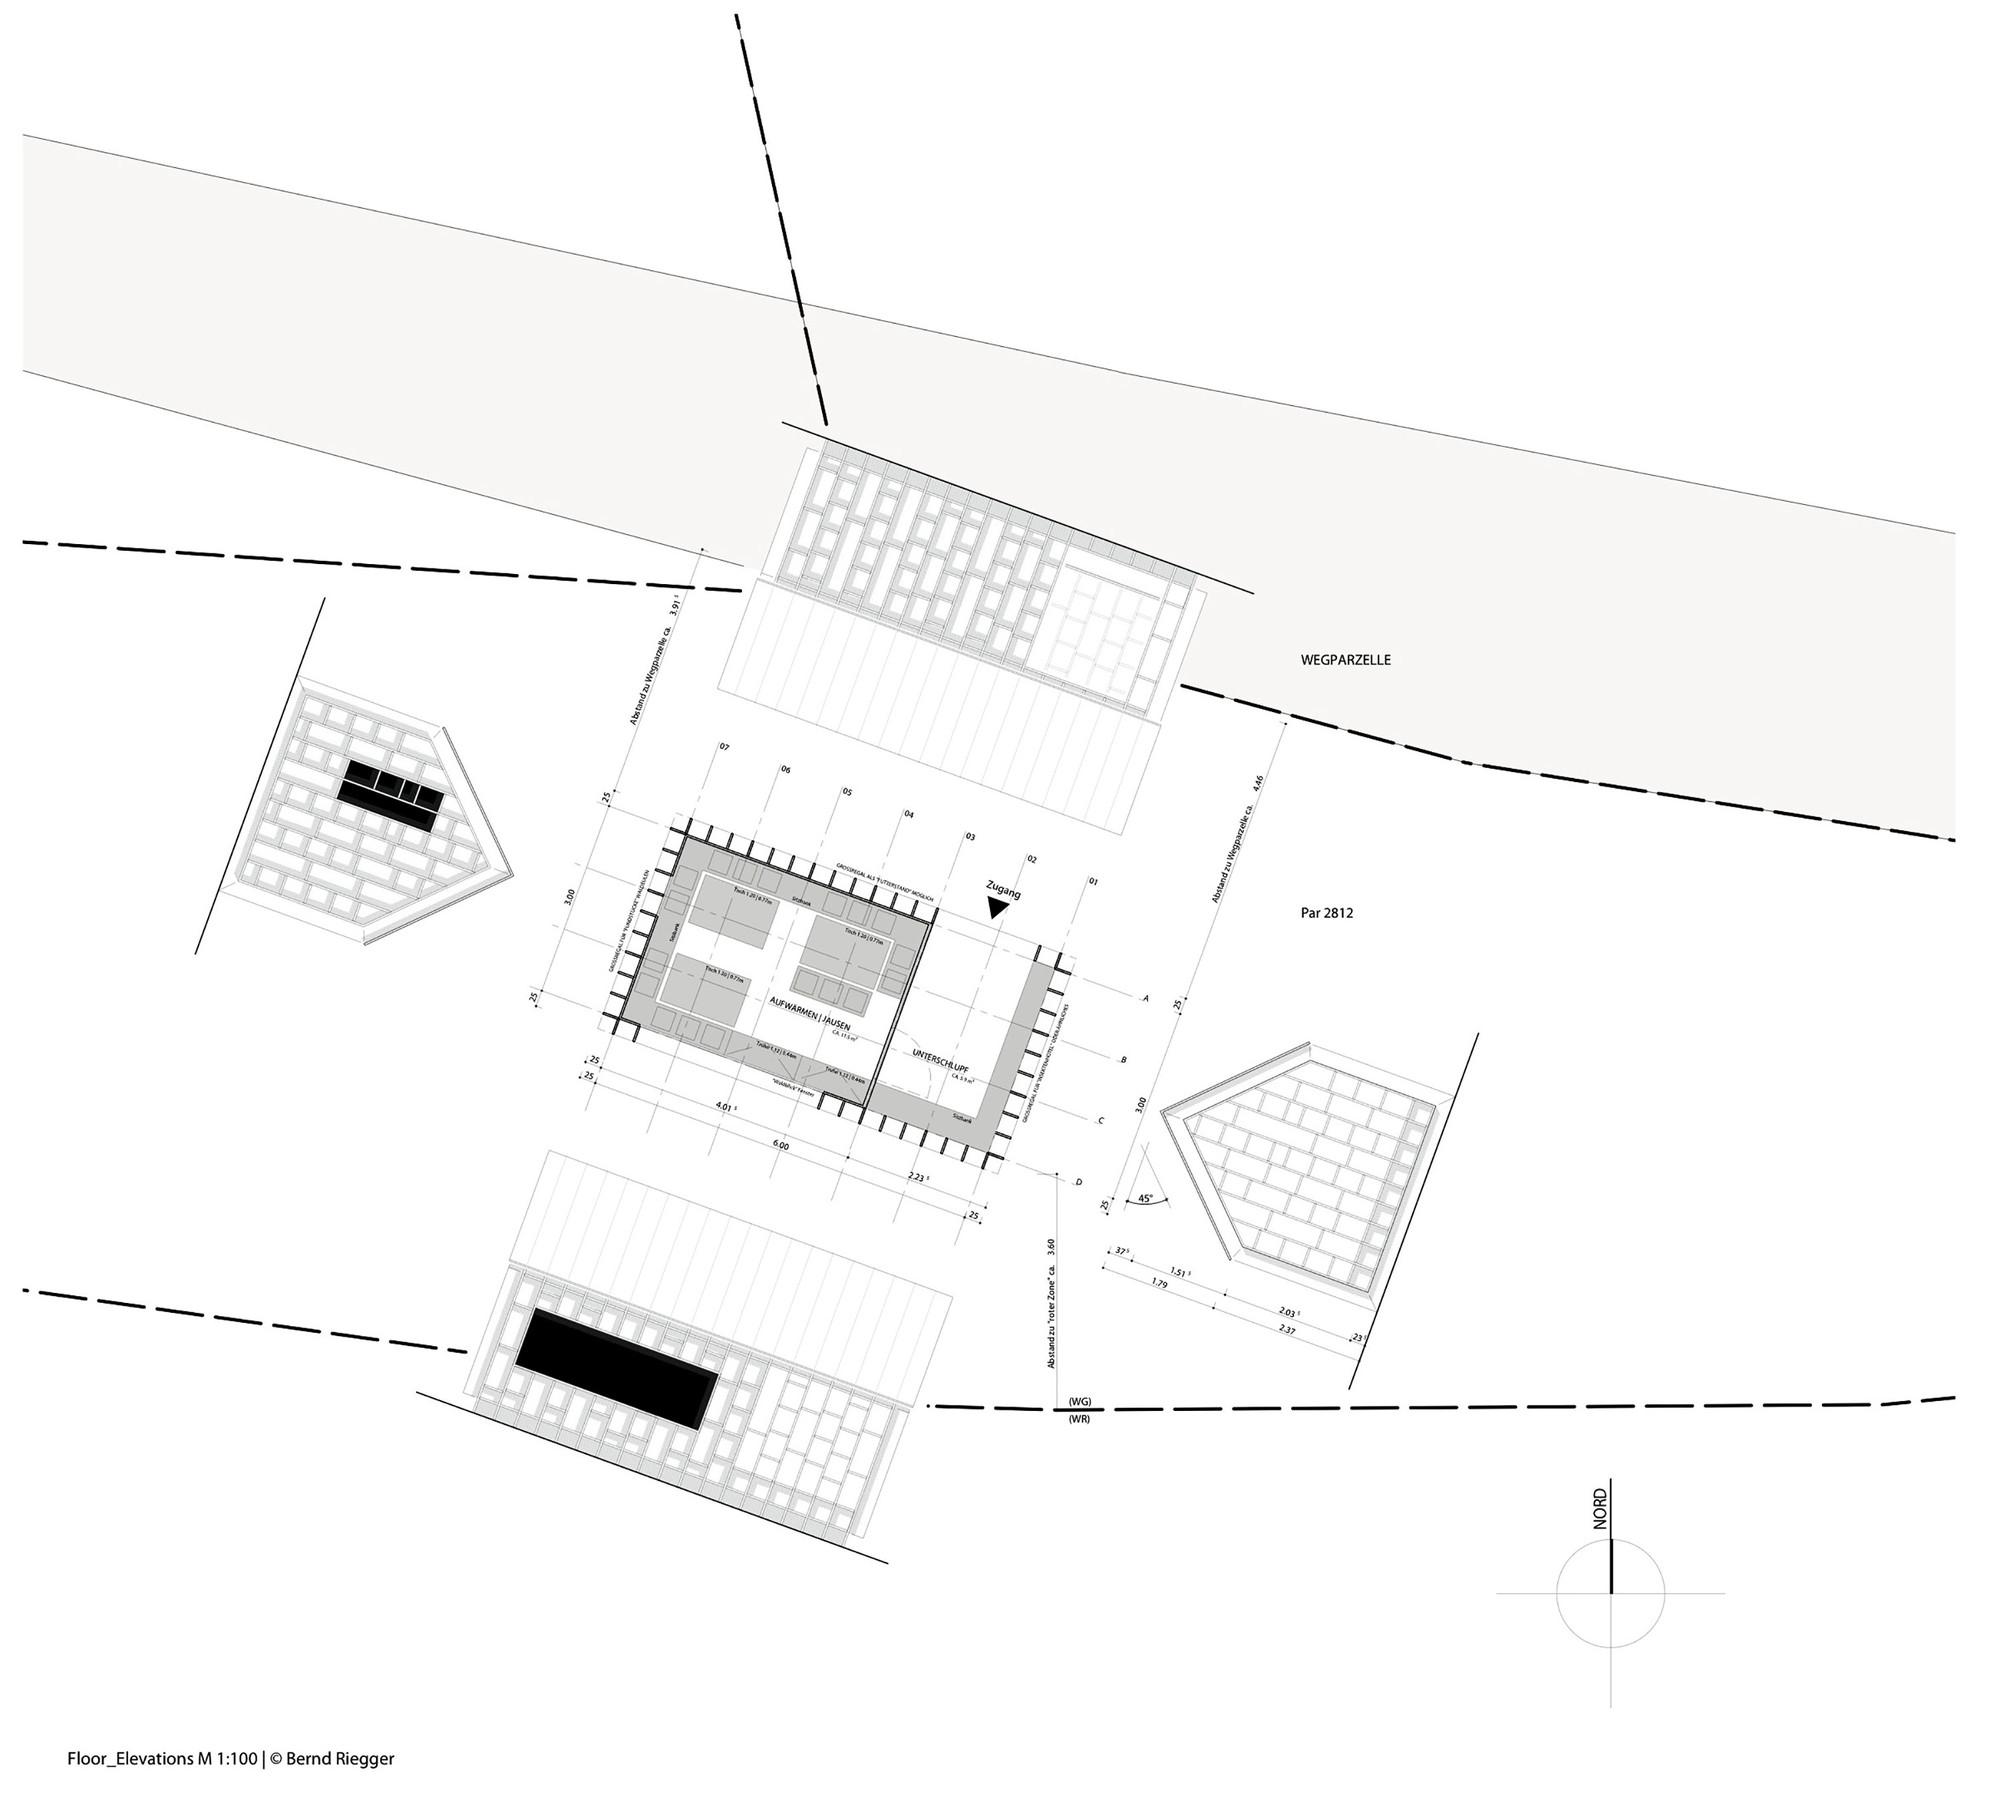 Forest refuge bernd riegger architektur archdaily - Architektur plan ...